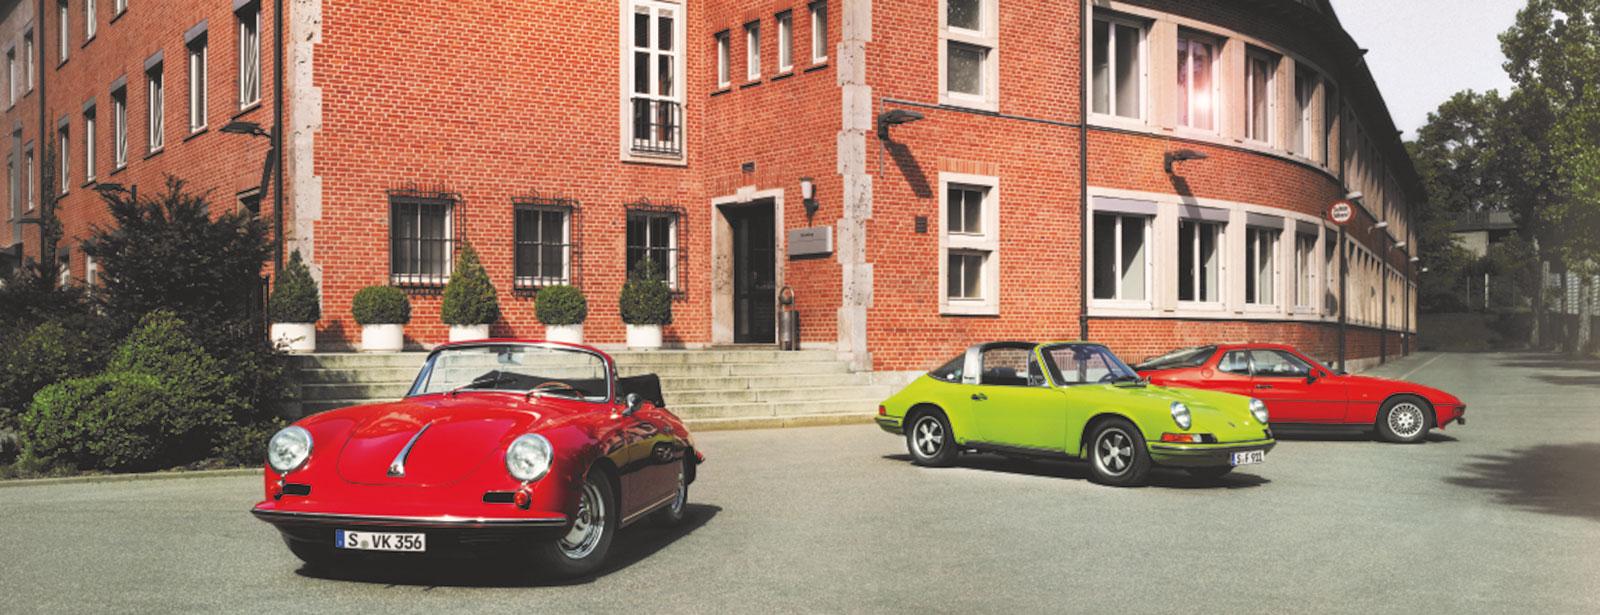 Porsche Club Aachen